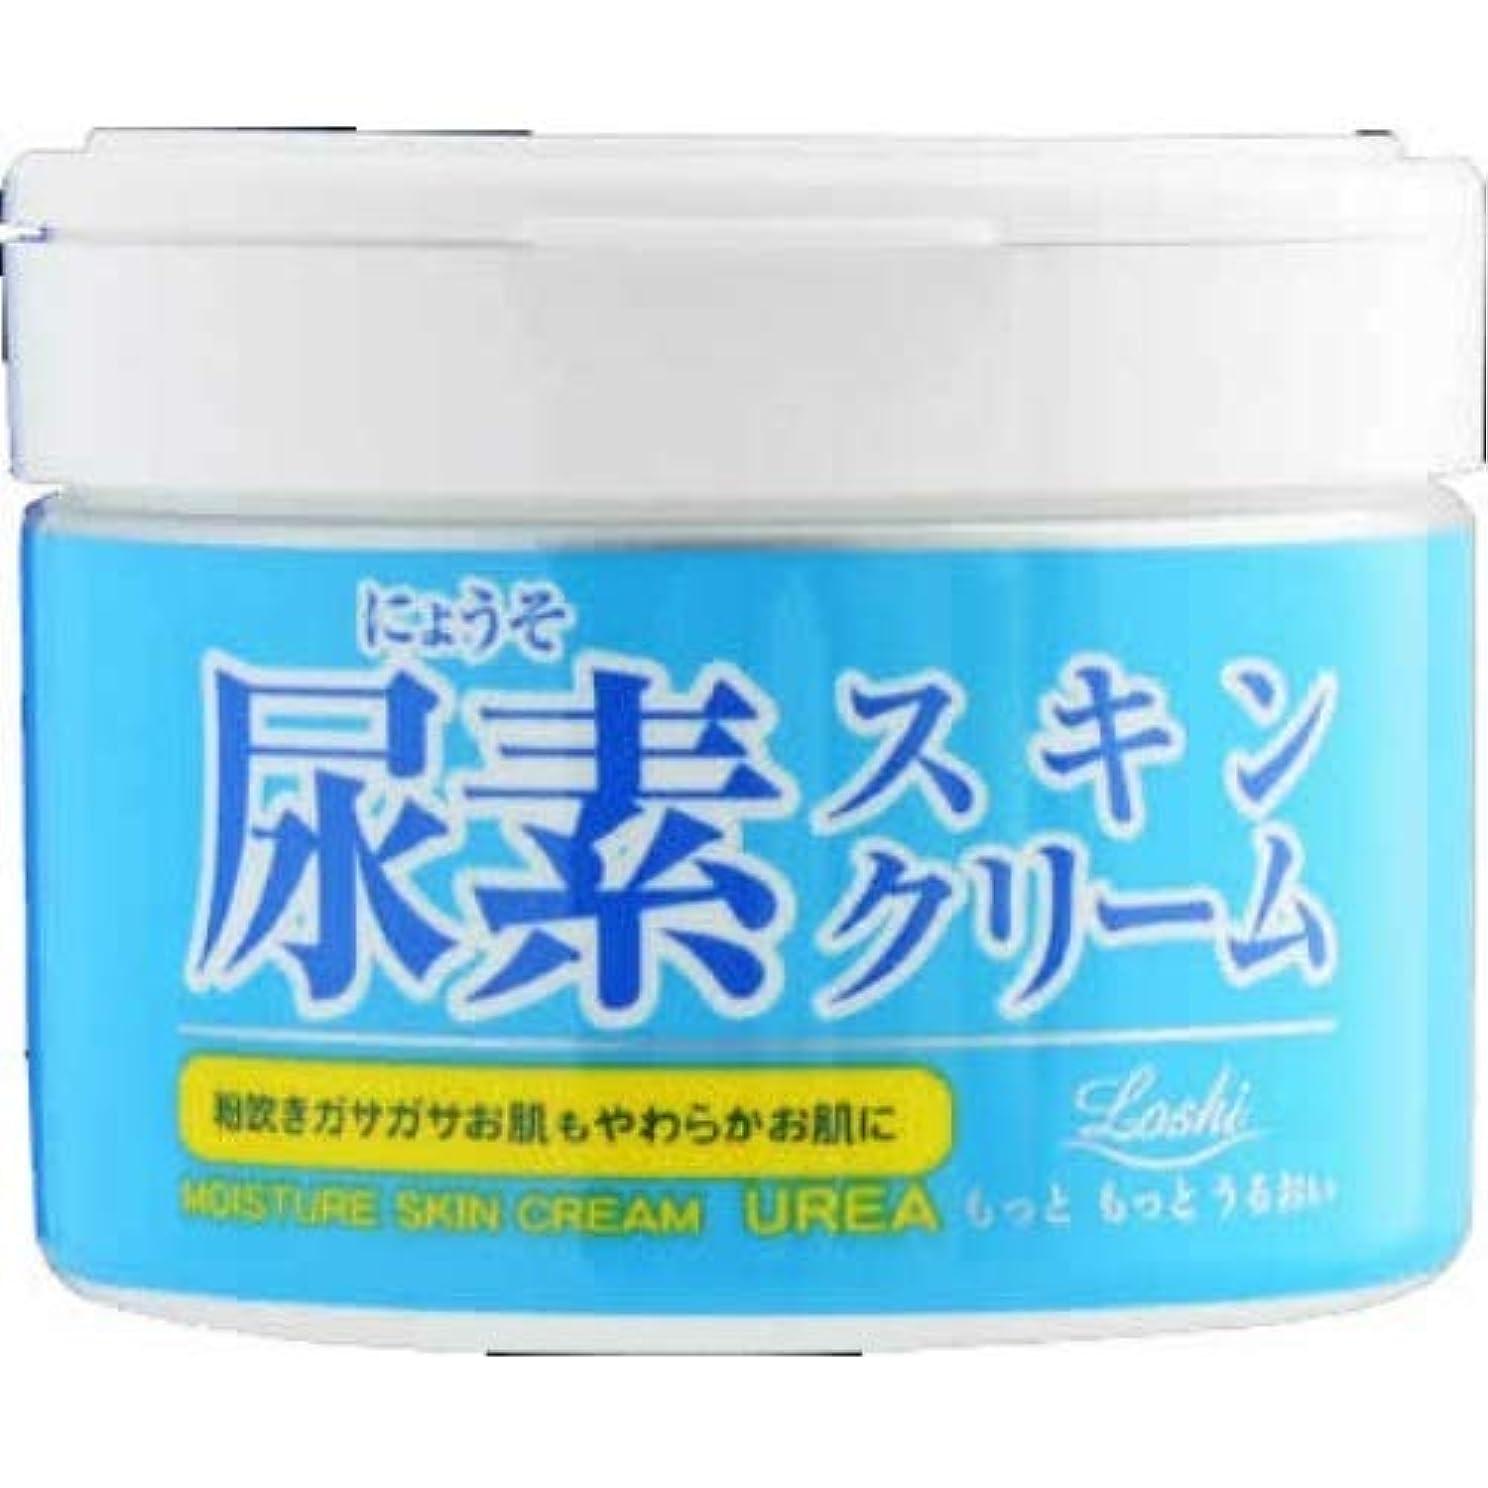 スポット切り離すパーツロッシモイストエイド 尿素スキンクリーム × 48個セット